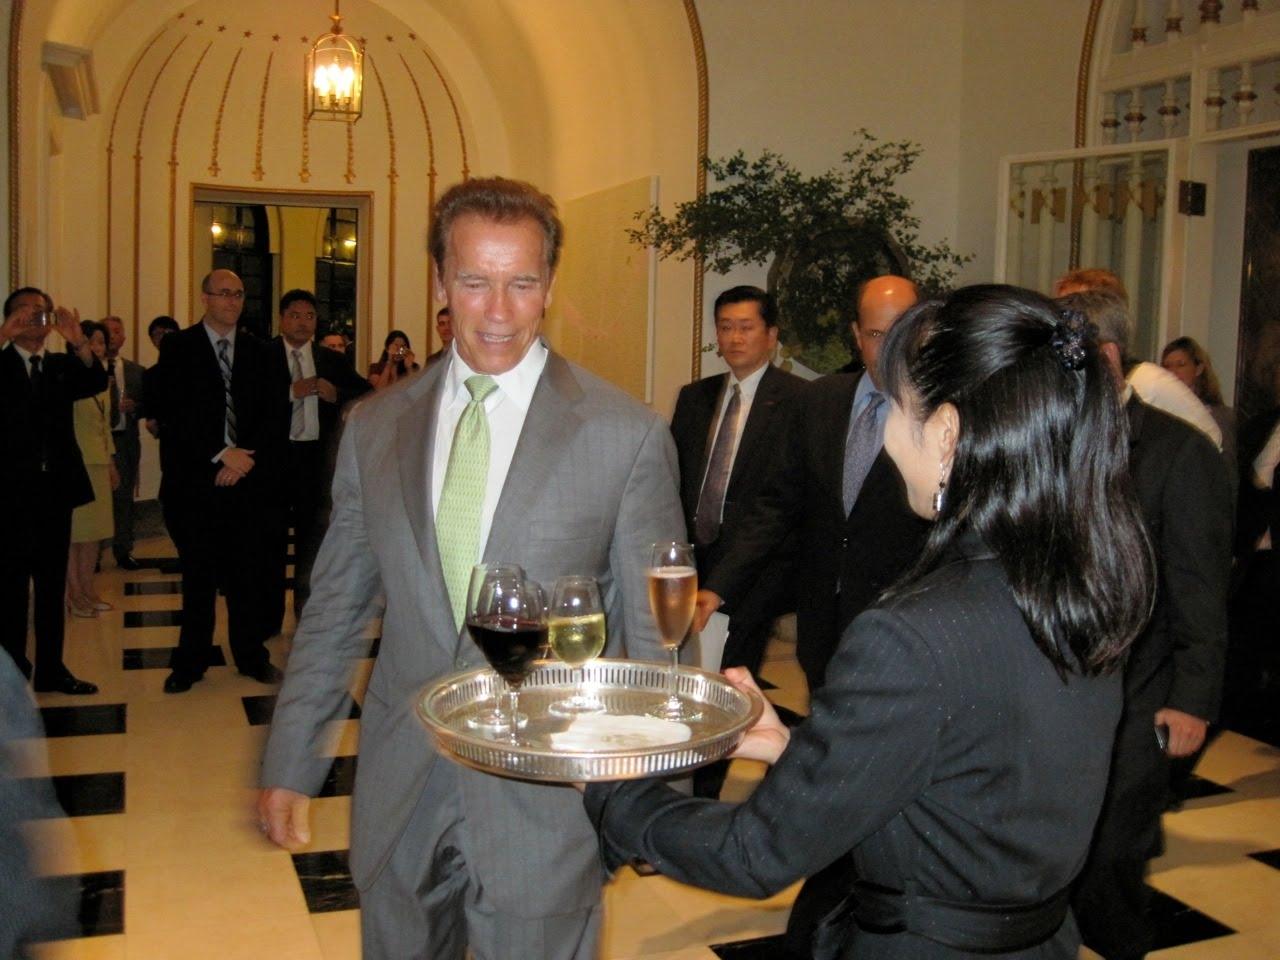 http://1.bp.blogspot.com/_qAqCd2EvUT0/TJJMIBV0_EI/AAAAAAAAANo/rXKMUd6CO2c/s1600/Governor+BrutRose2.JPG